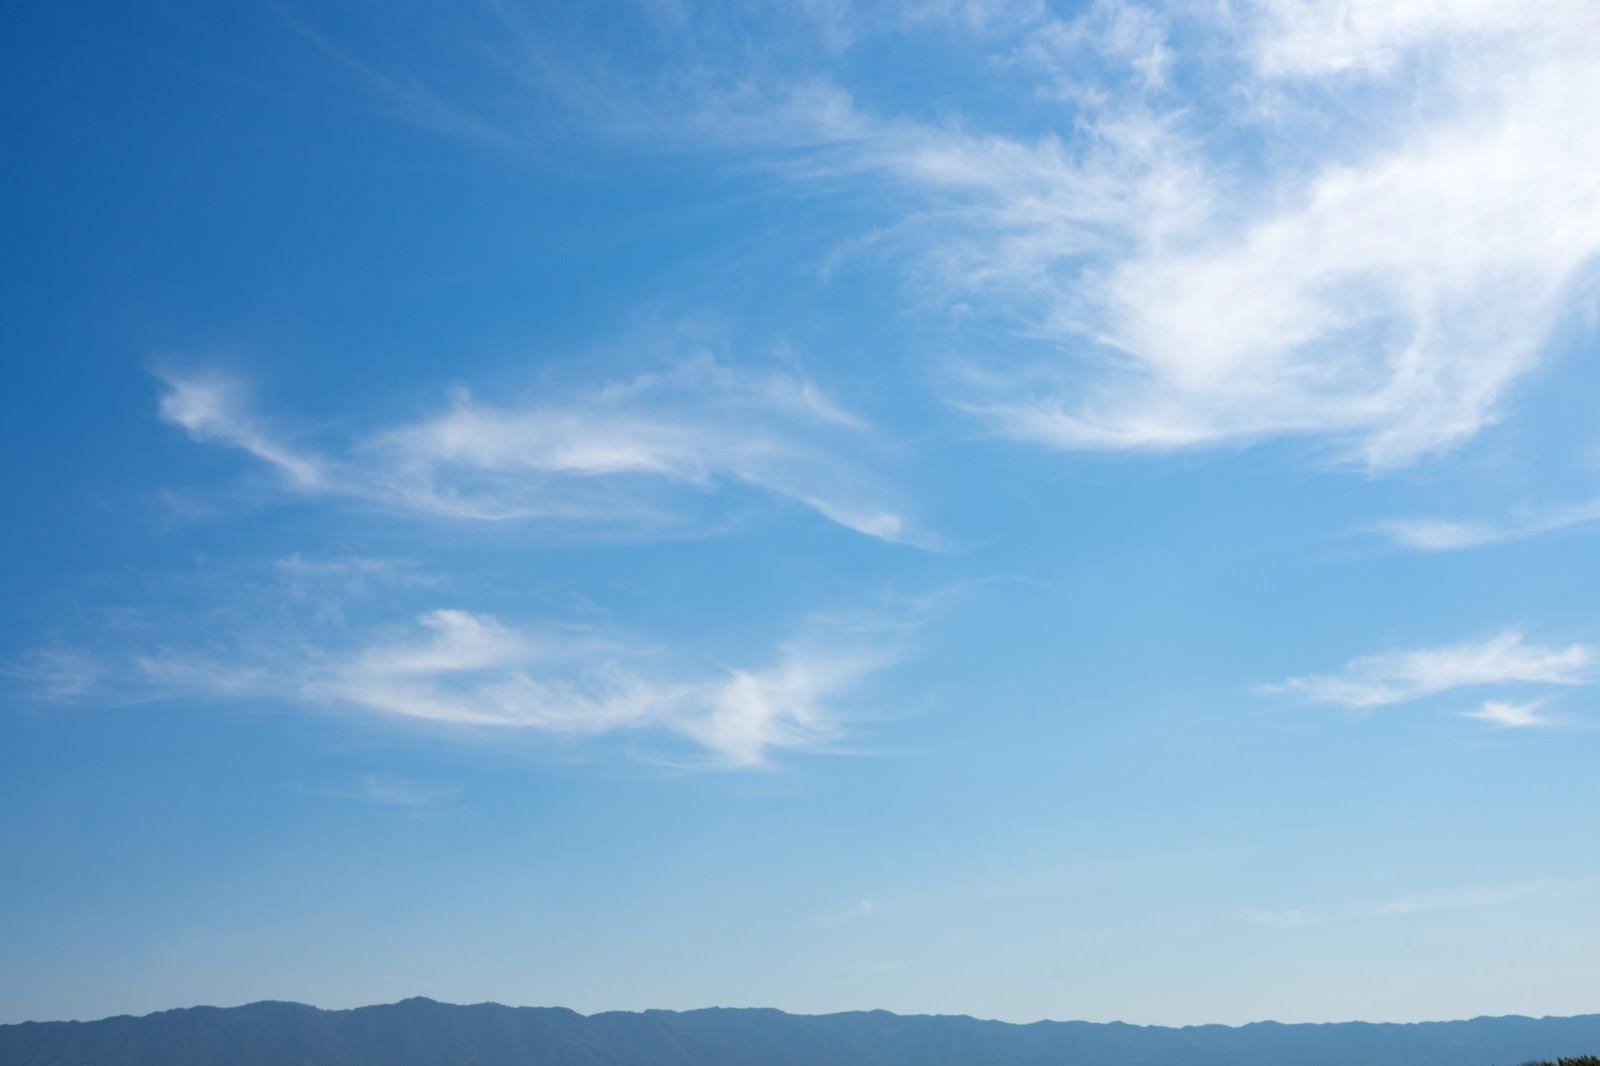 「山沿いは一時晴れ山沿いは一時晴れ」のフリー写真素材を拡大